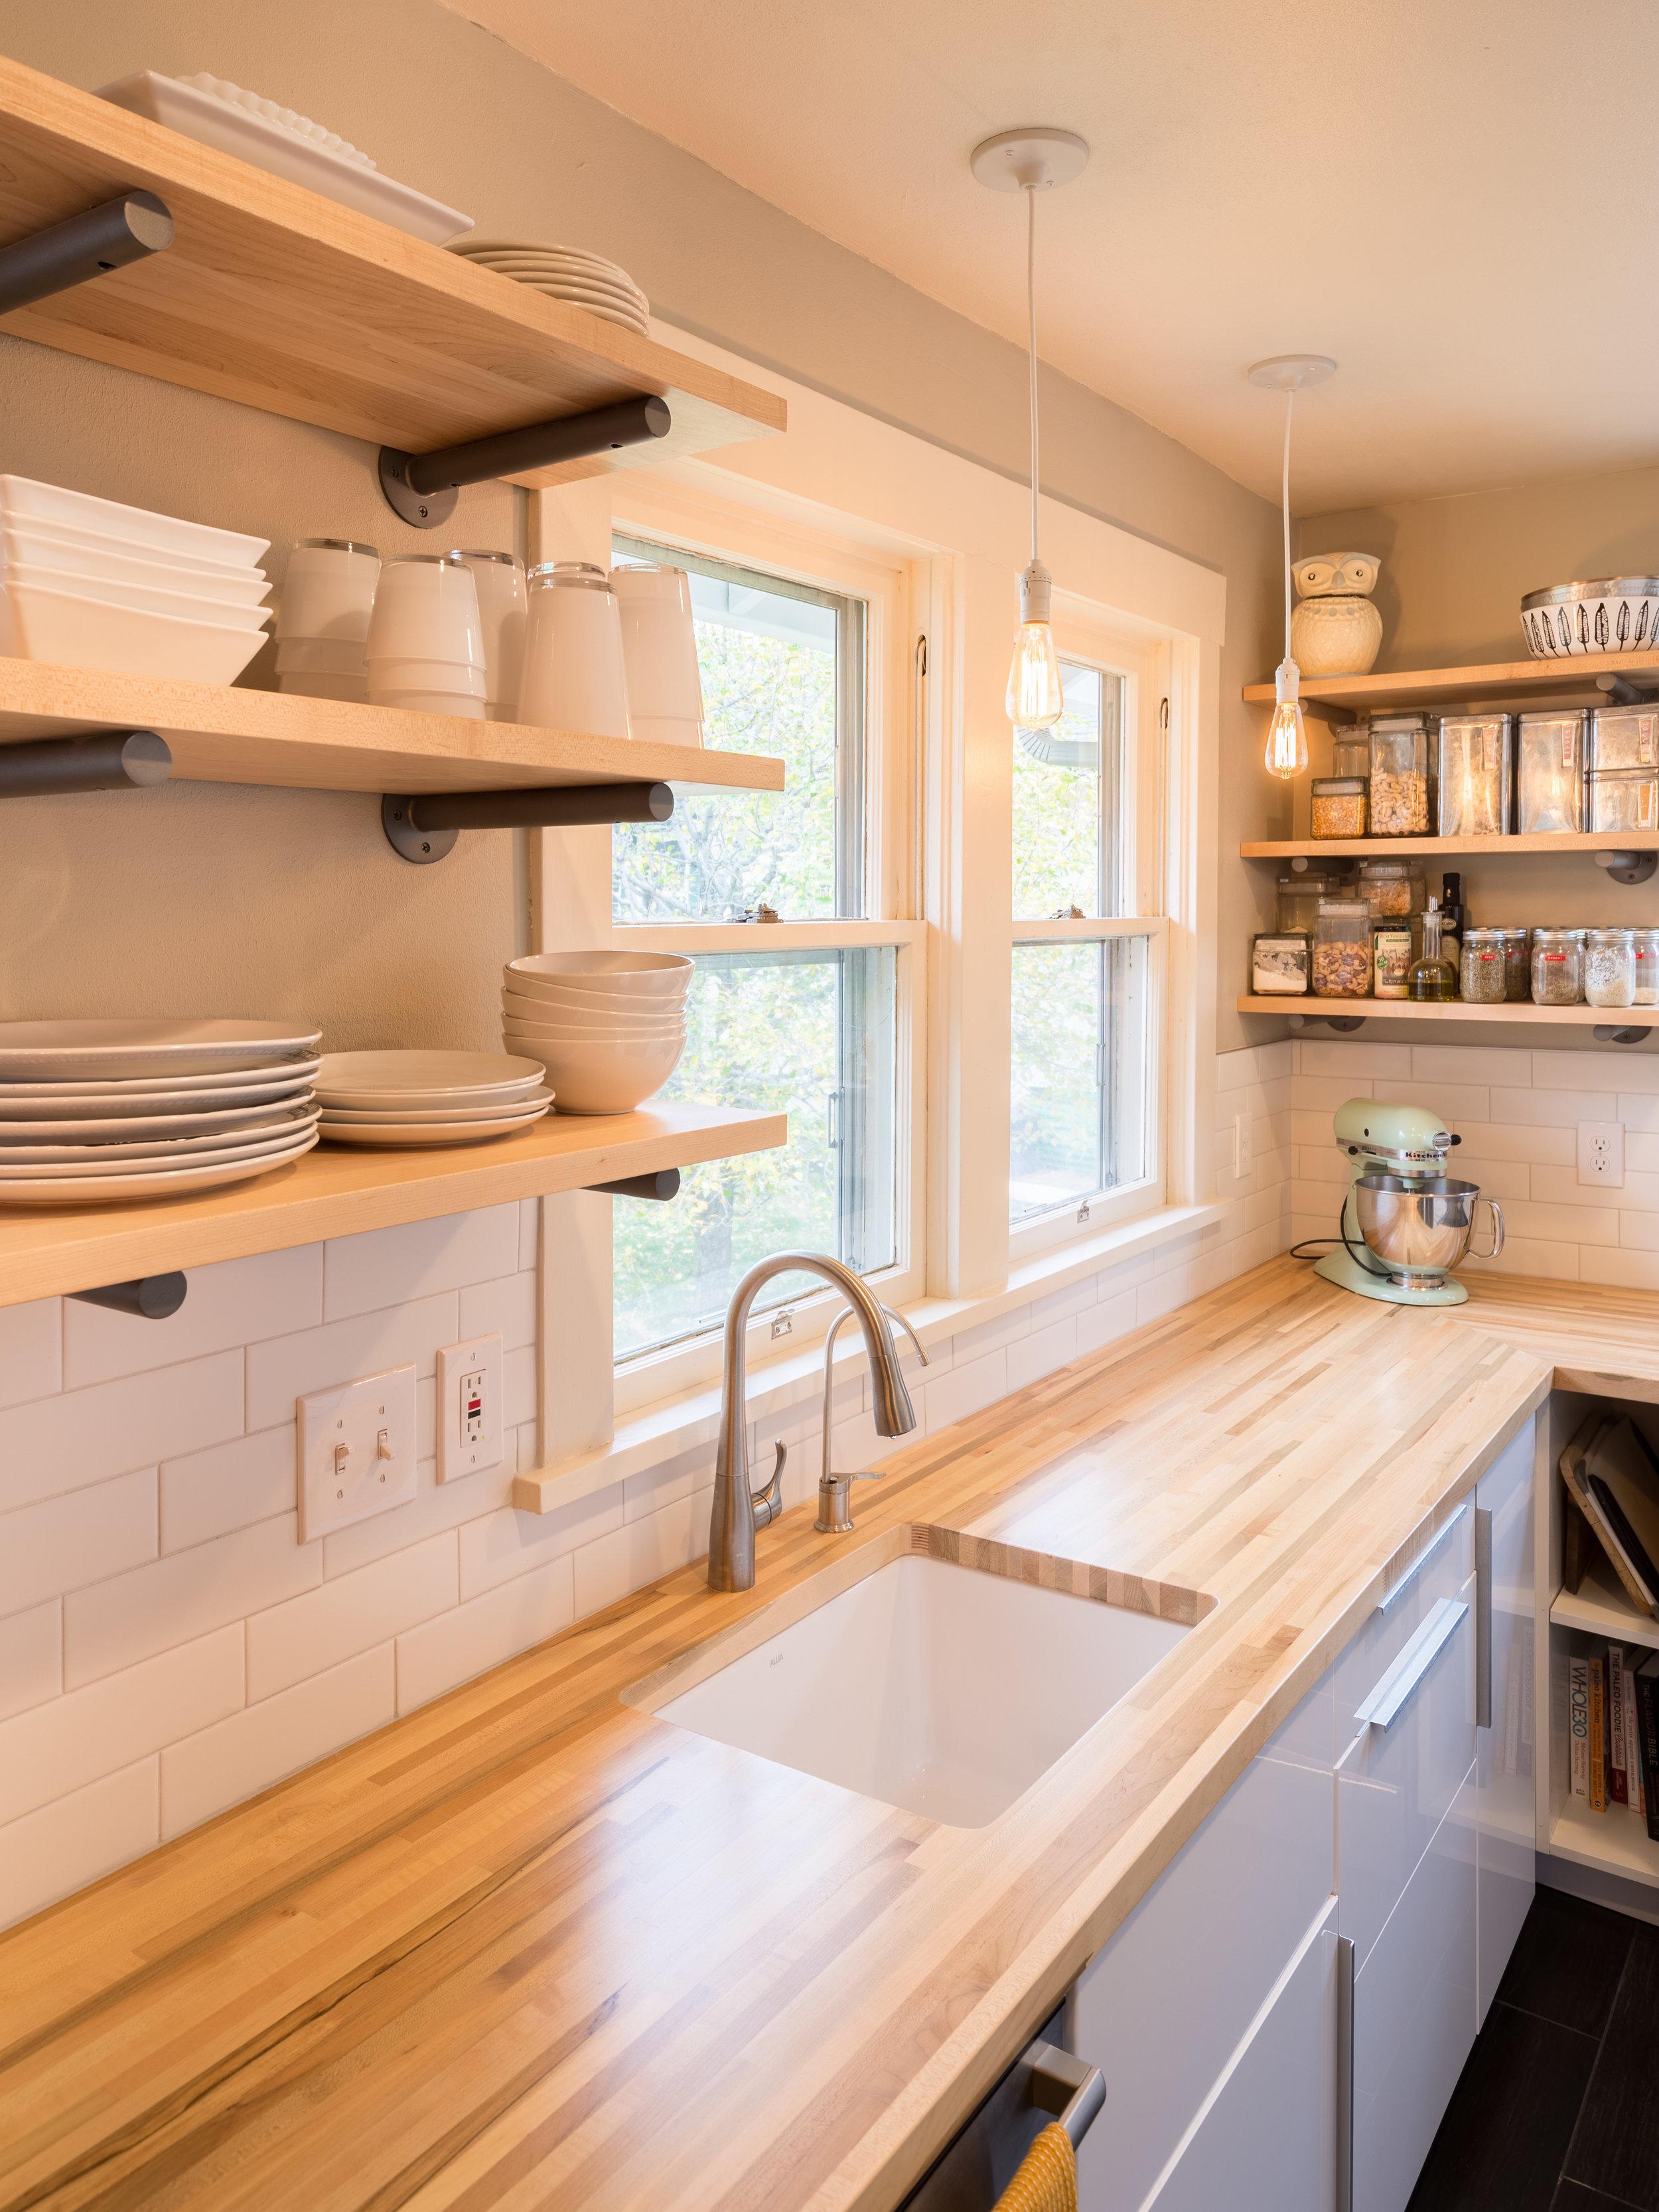 CedarSt Kitchen 06.jpg